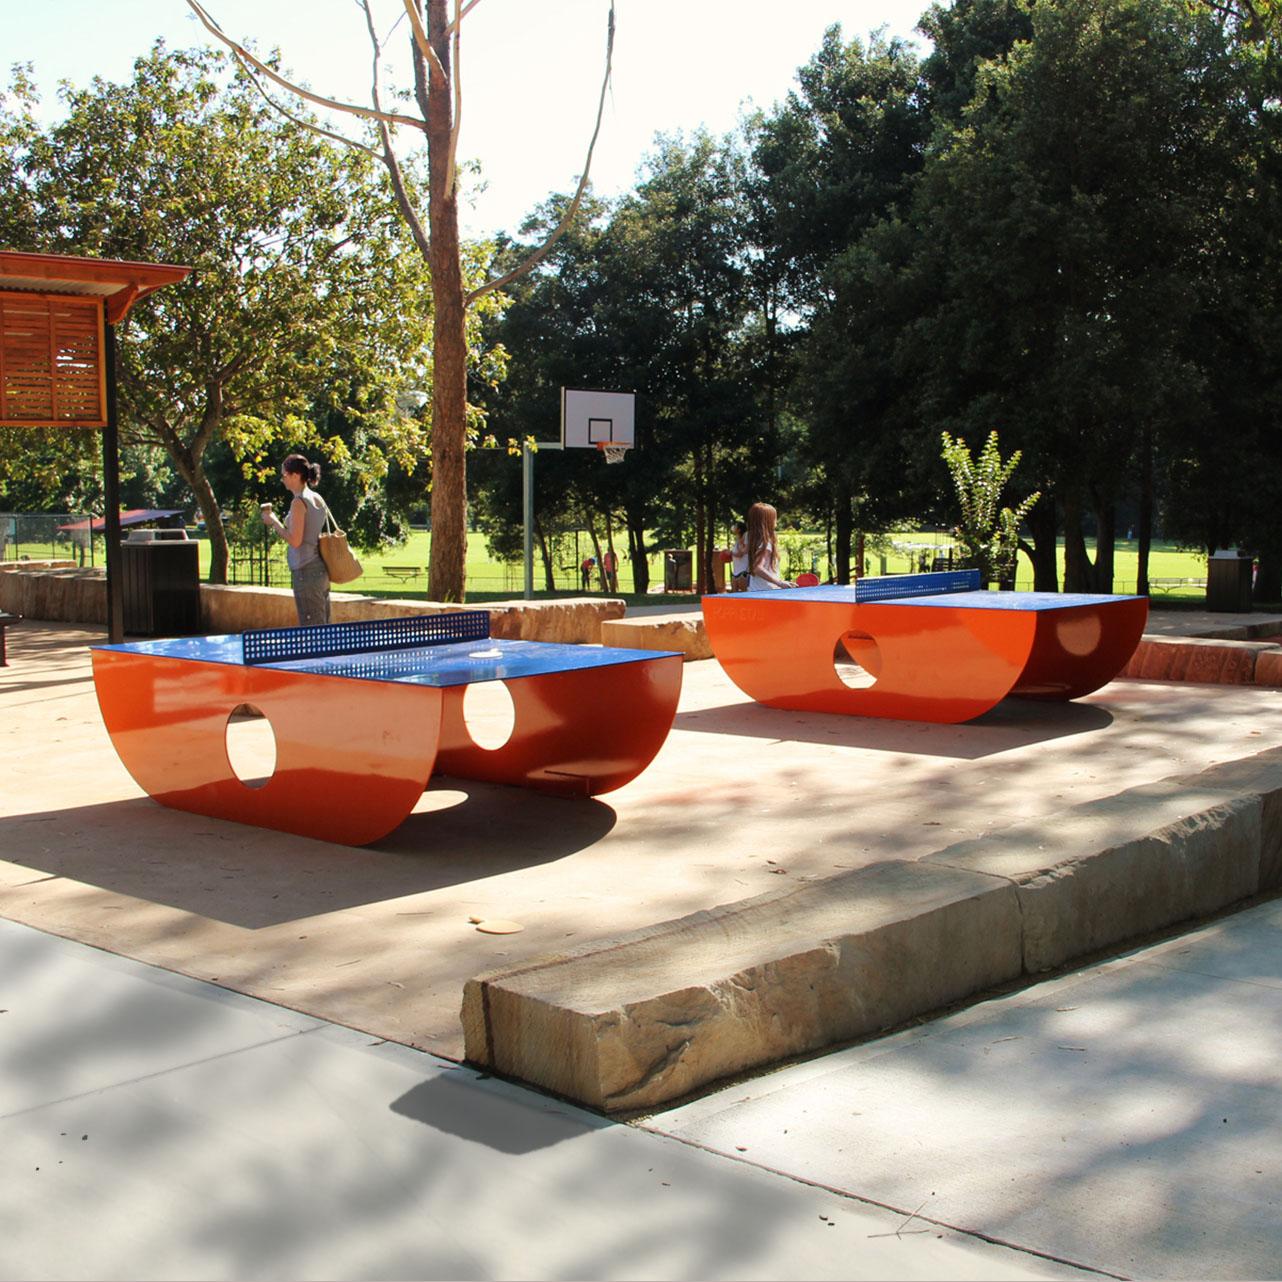 Turramurra Memorial Park